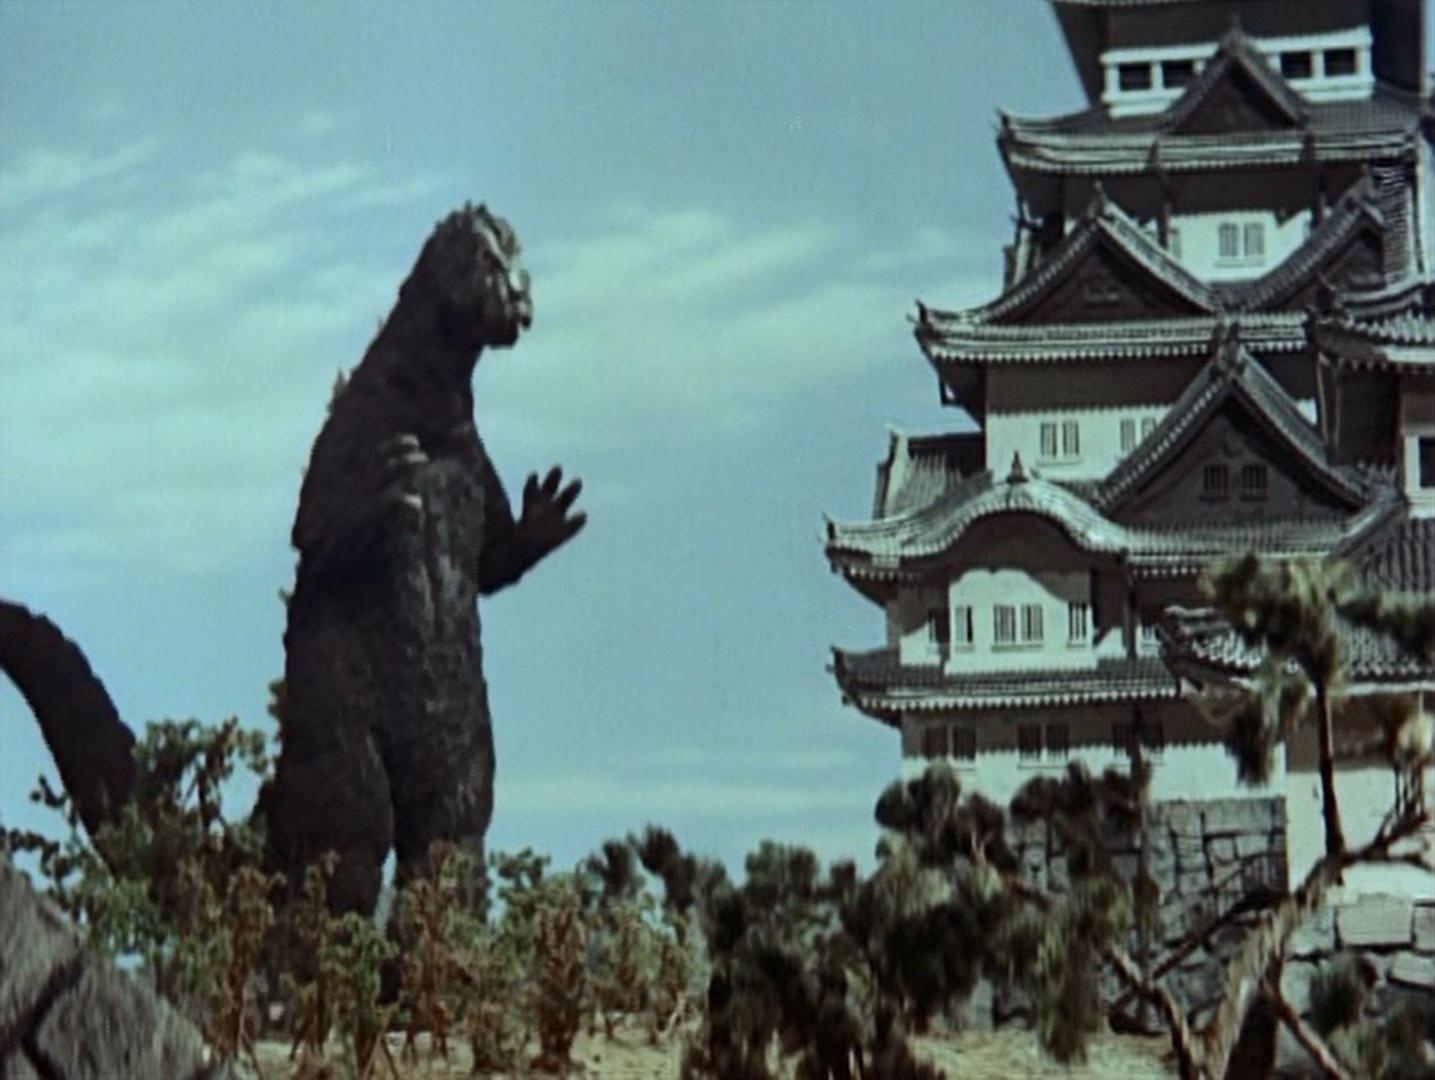 Mothra vs. Godzilla (1964) - Midnite Reviews